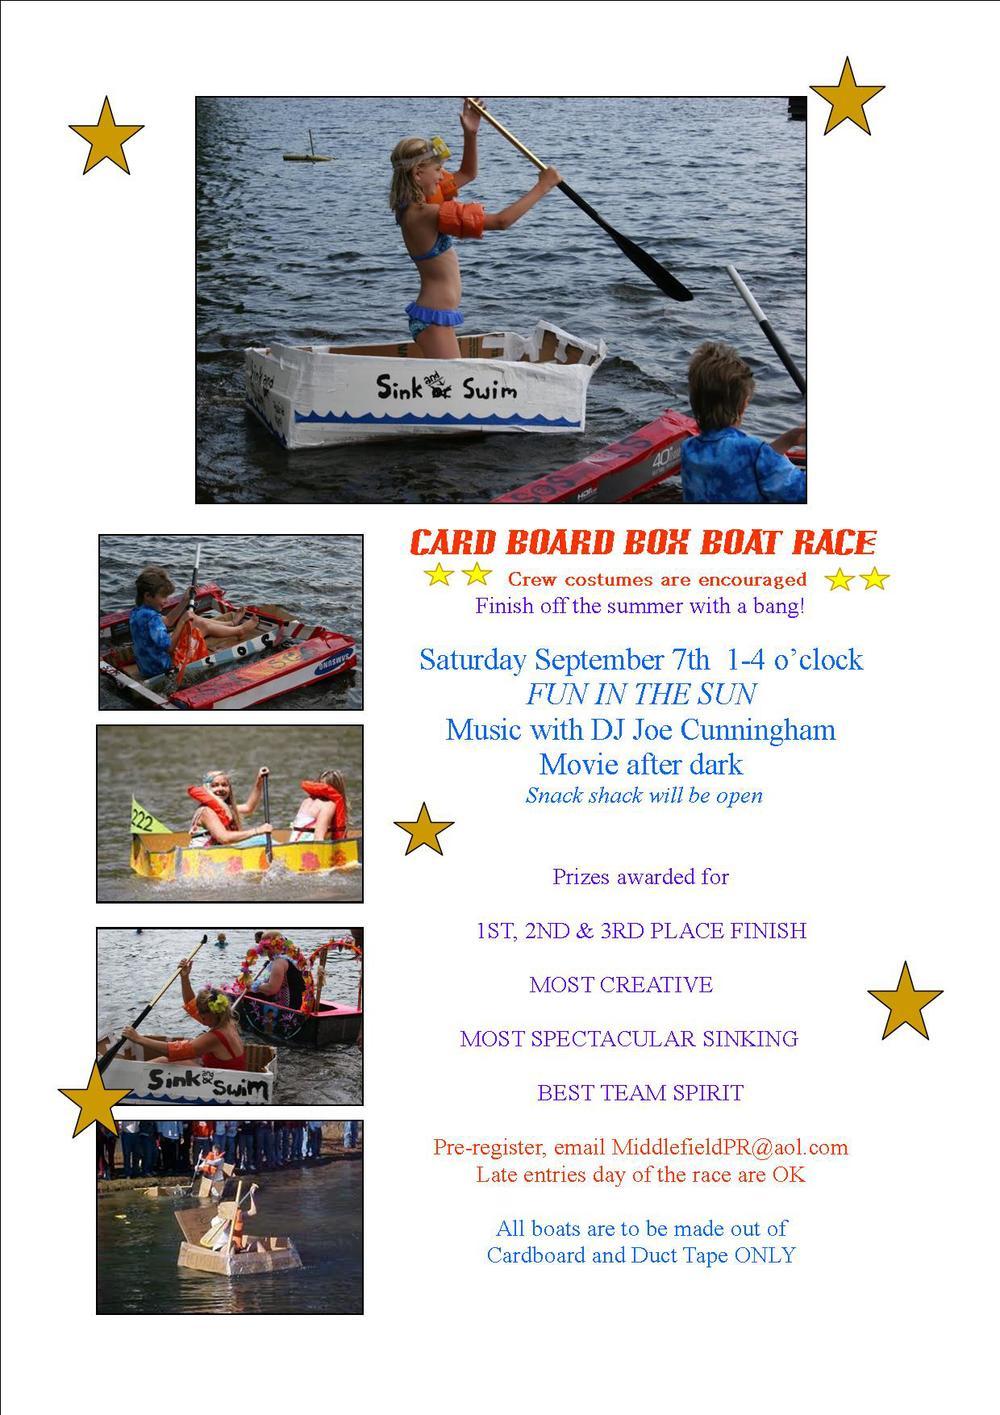 cardboard boat race.jpg